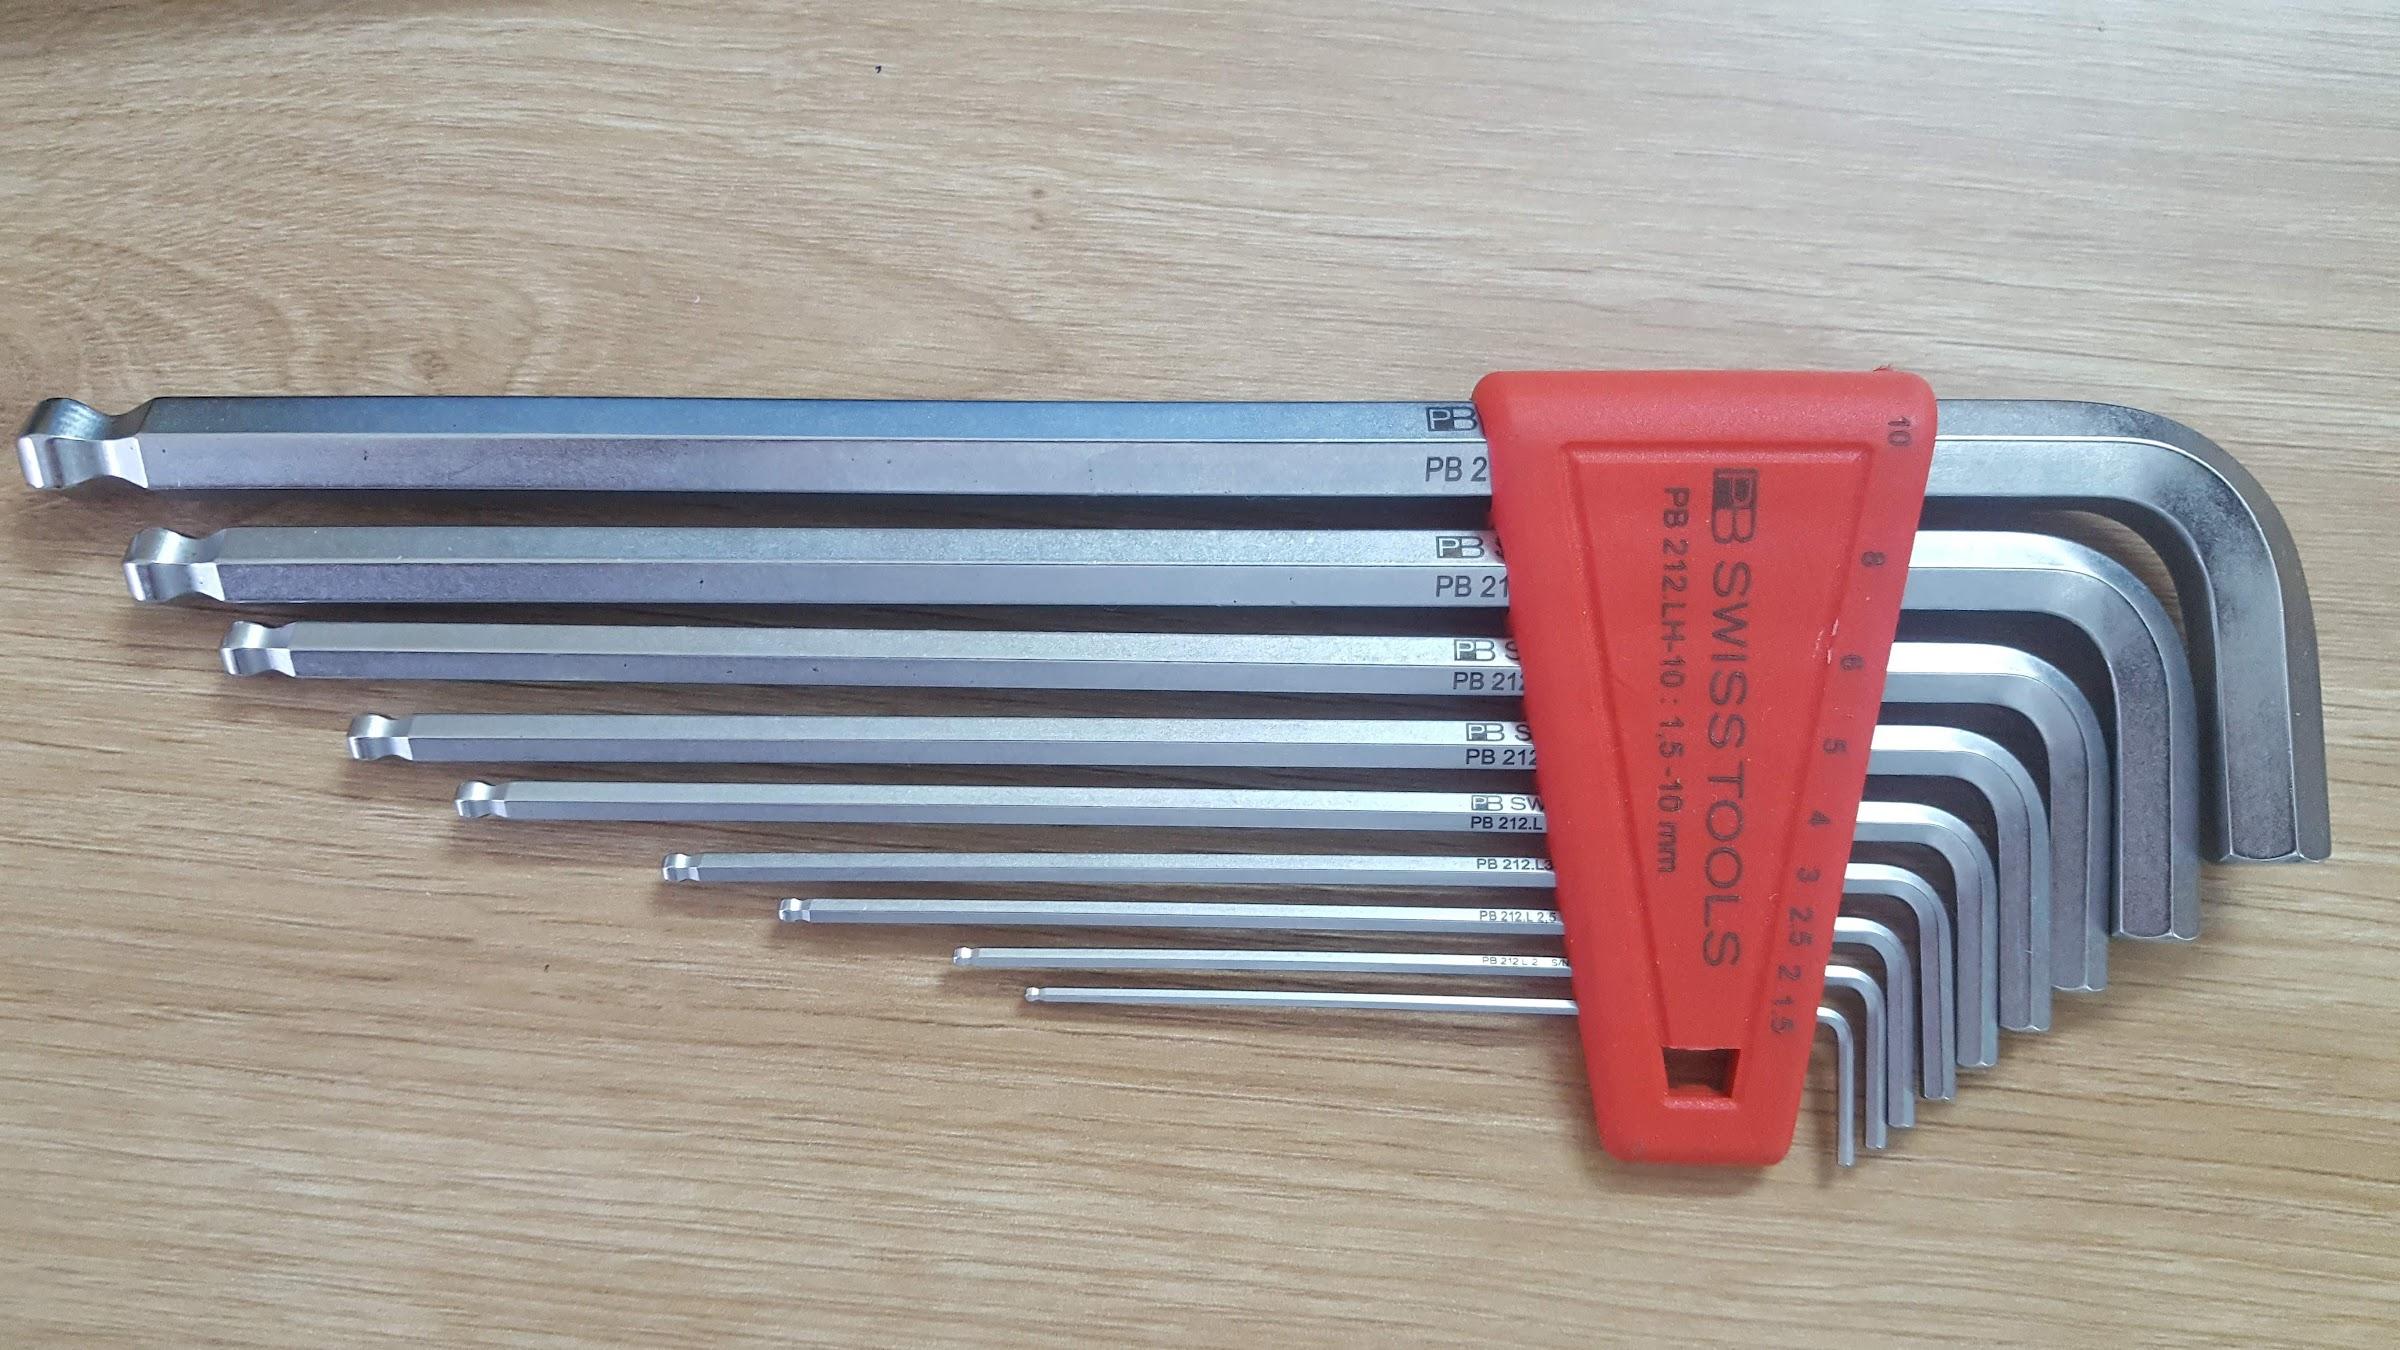 bộ lục giác swiss tools pb 212lh-10